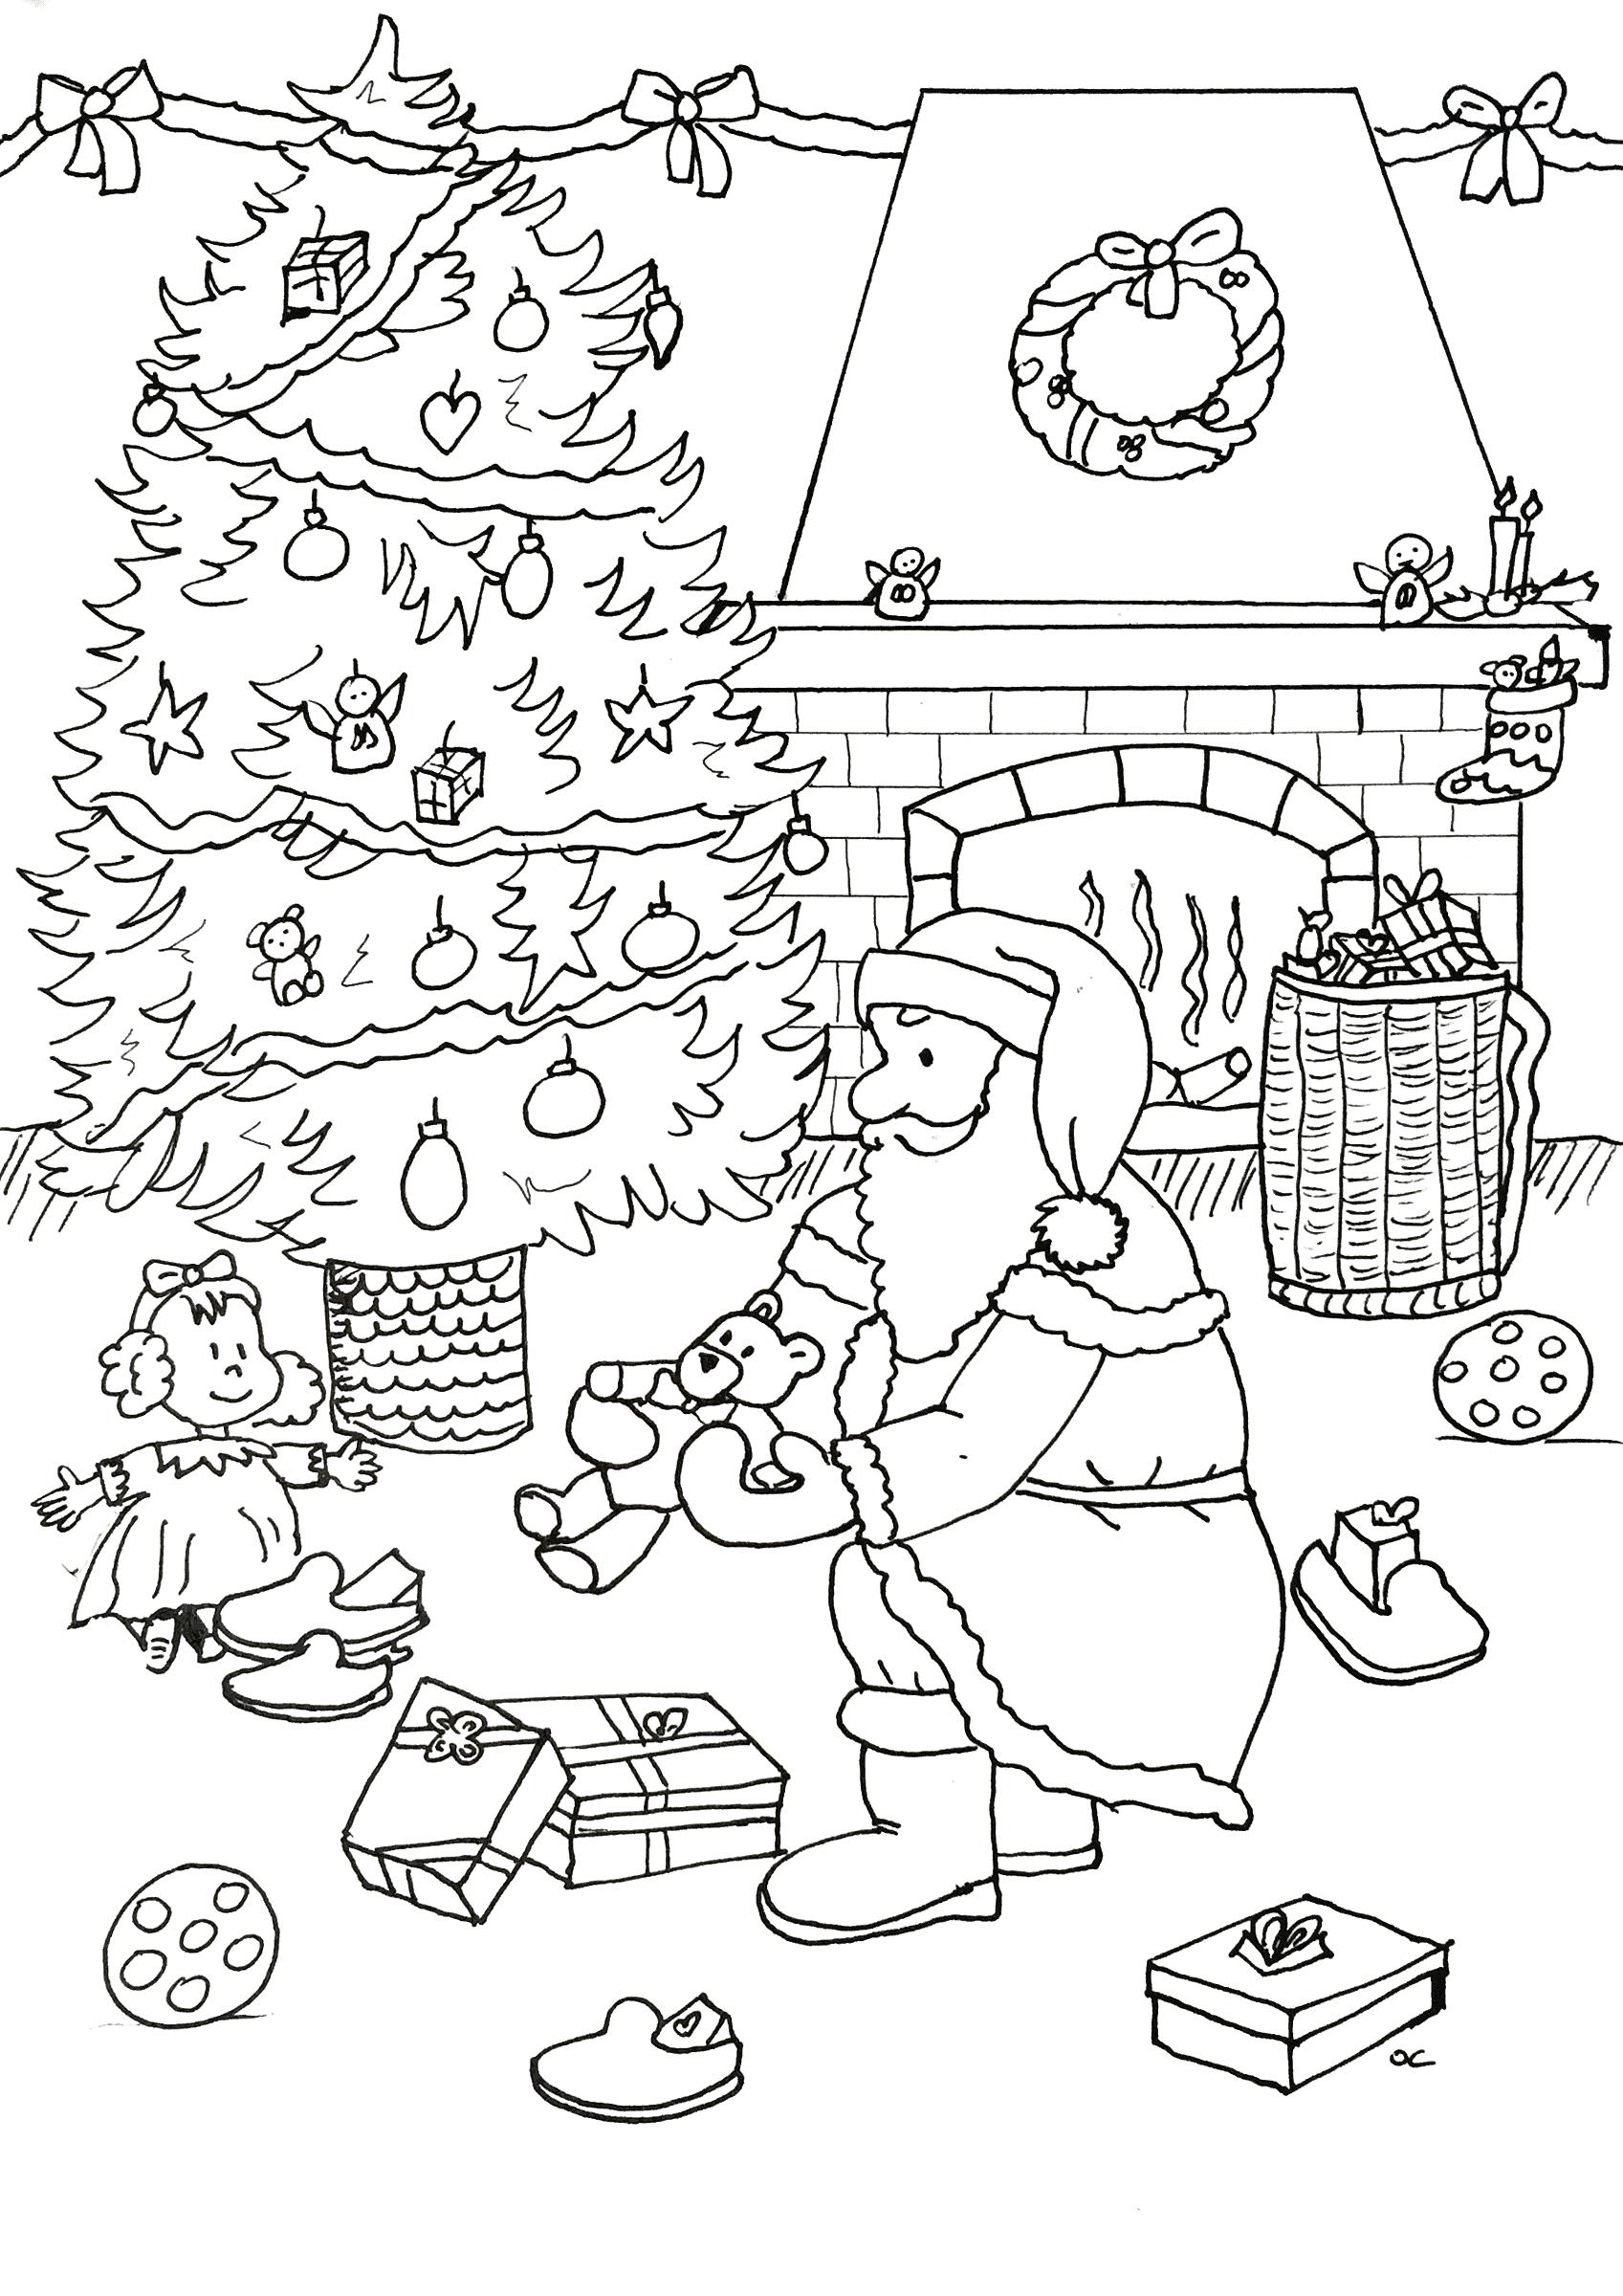 Pere noel pre - Le Père Noël préparant les cadeaux au pied ...